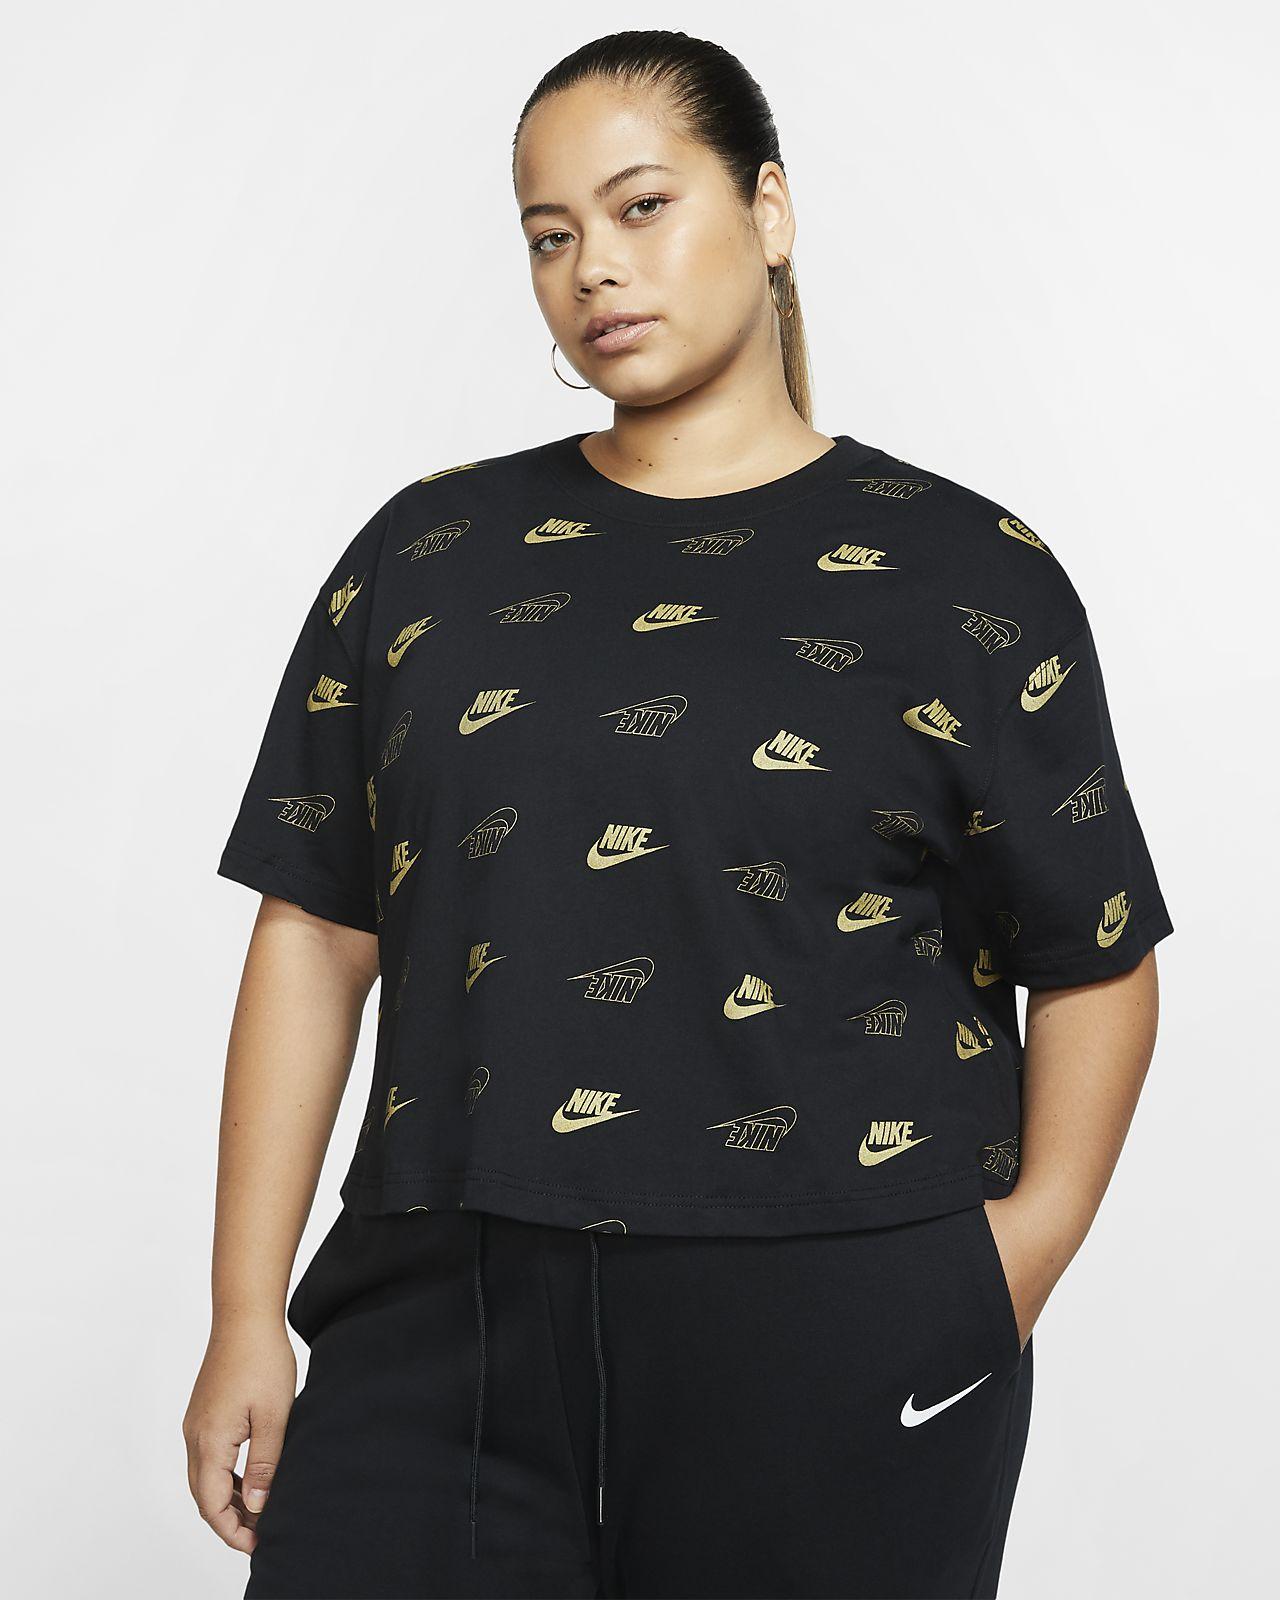 Dámský zkrácený top Nike Sportswear s krátkým rukávem (větší velikost)